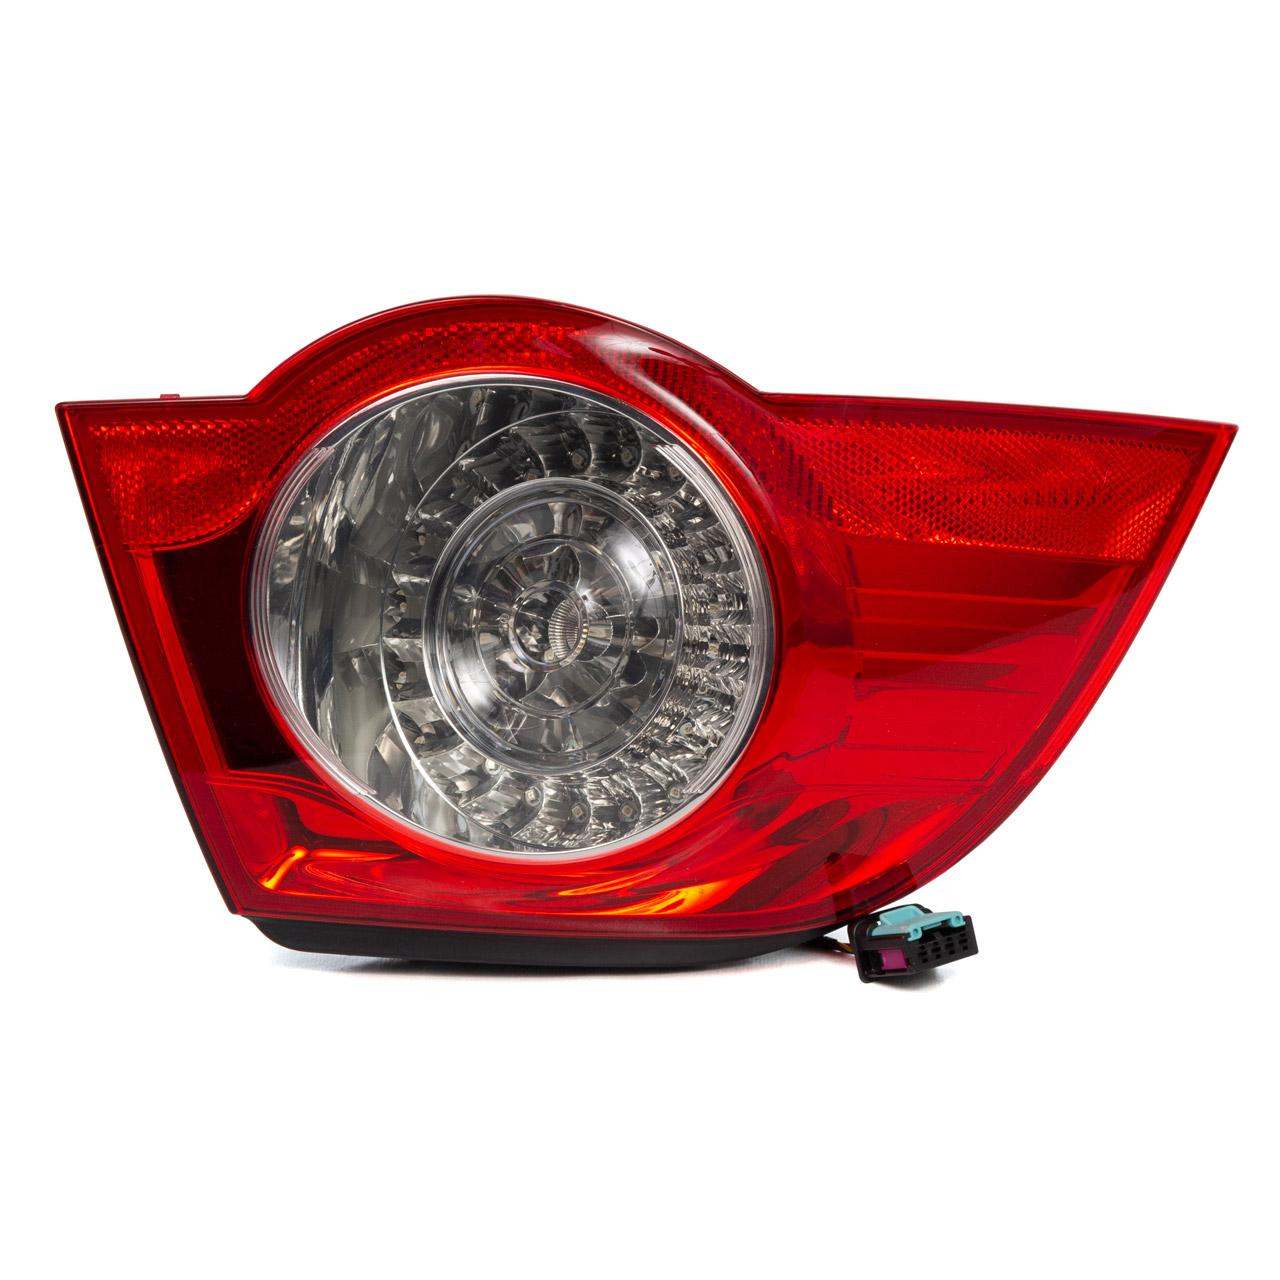 HELLA Heckleuchten Rückleuchte LED VW Eos bis 10.2010 hinten aussen links 1Q0945095H